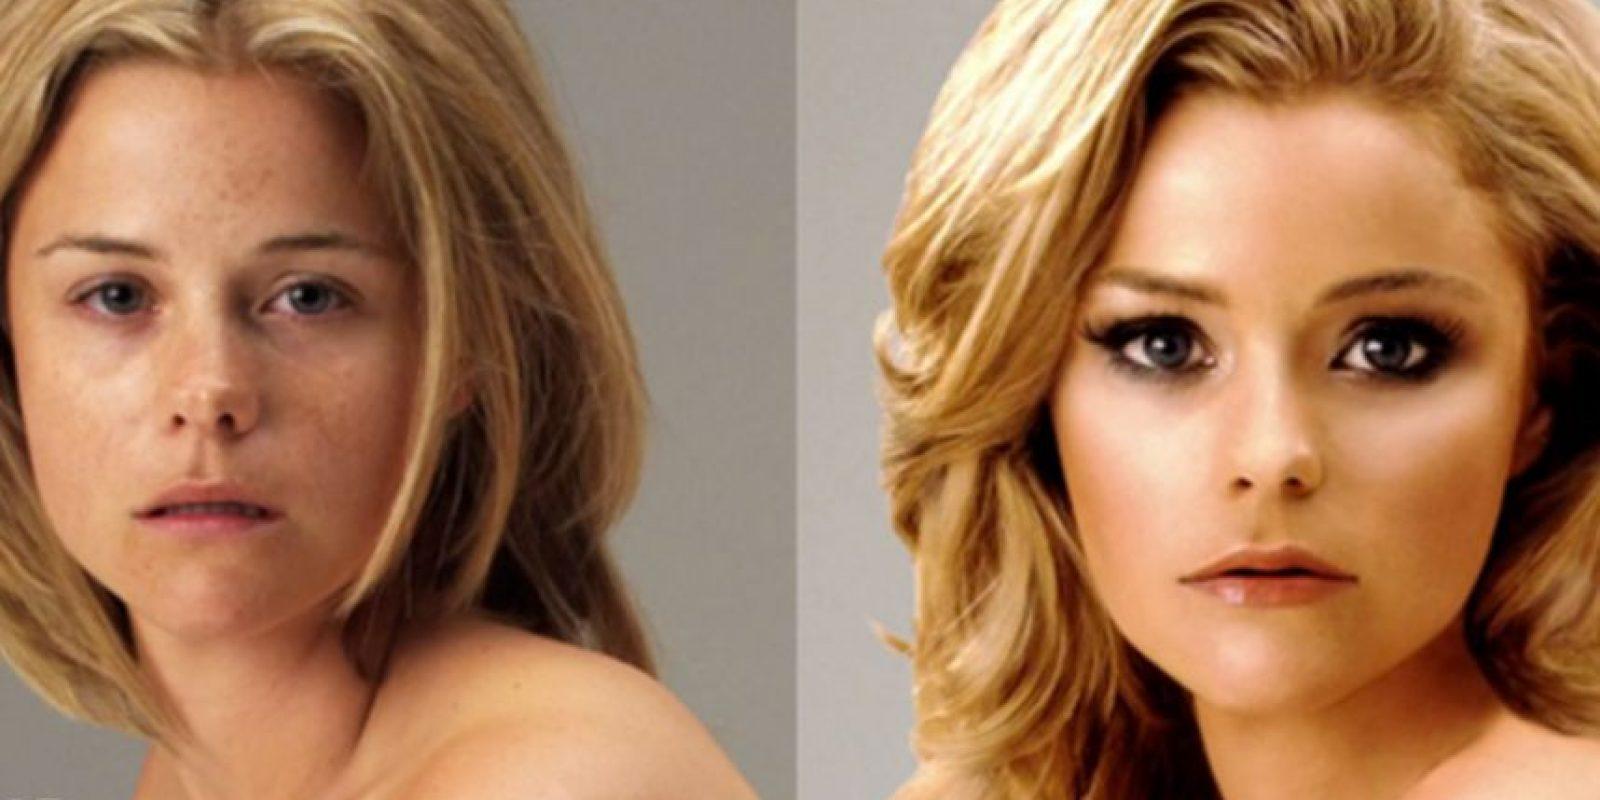 Las celebridades no quieren tanto retoque en sus caras y cuerpos Foto:Tumblr